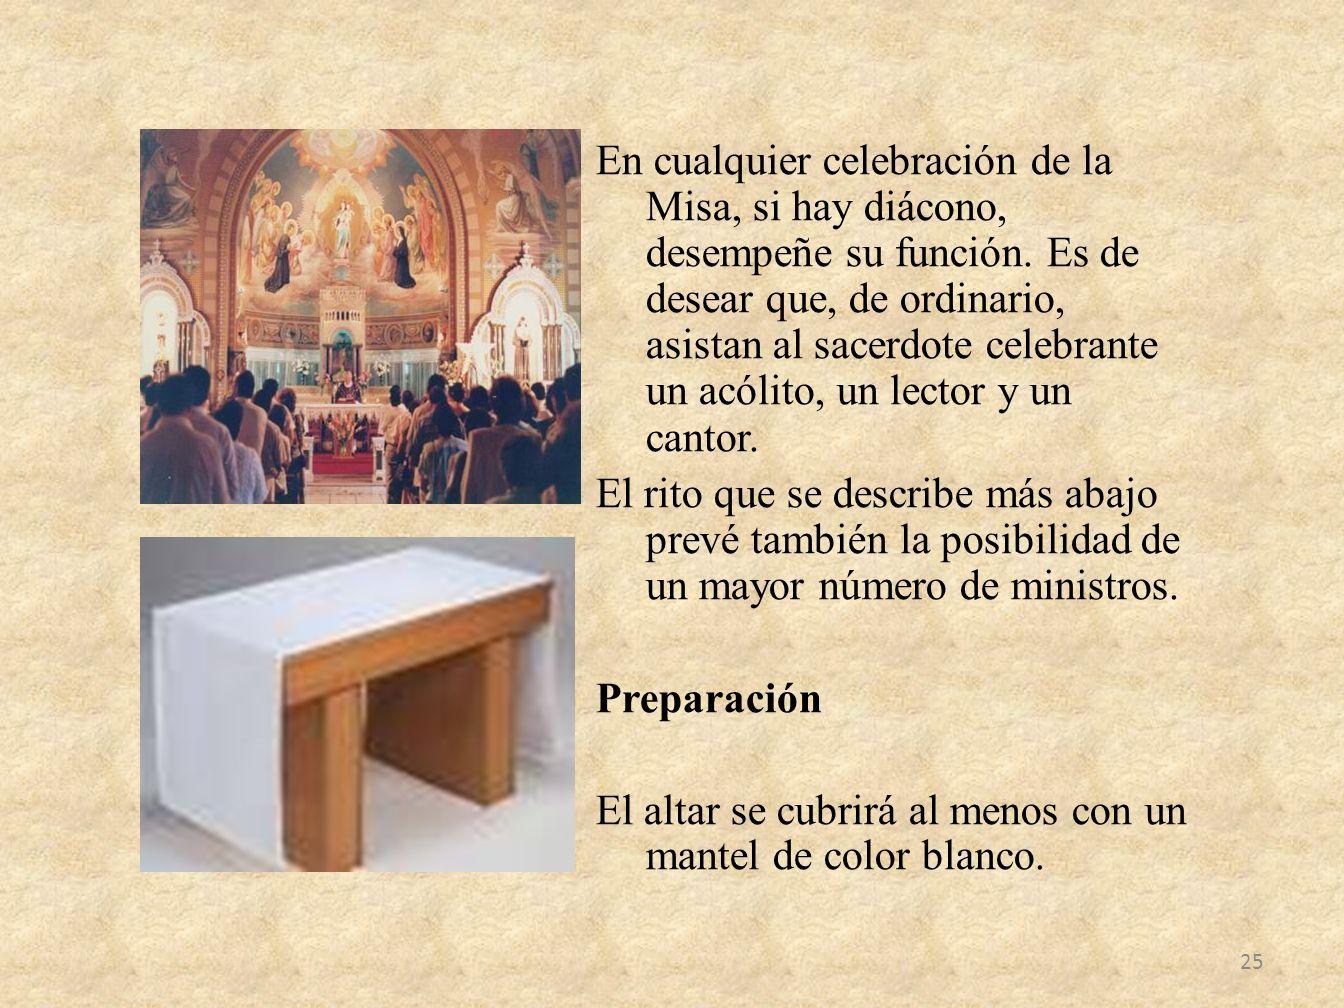 En cualquier celebración de la Misa, si hay diácono, desempeñe su función.